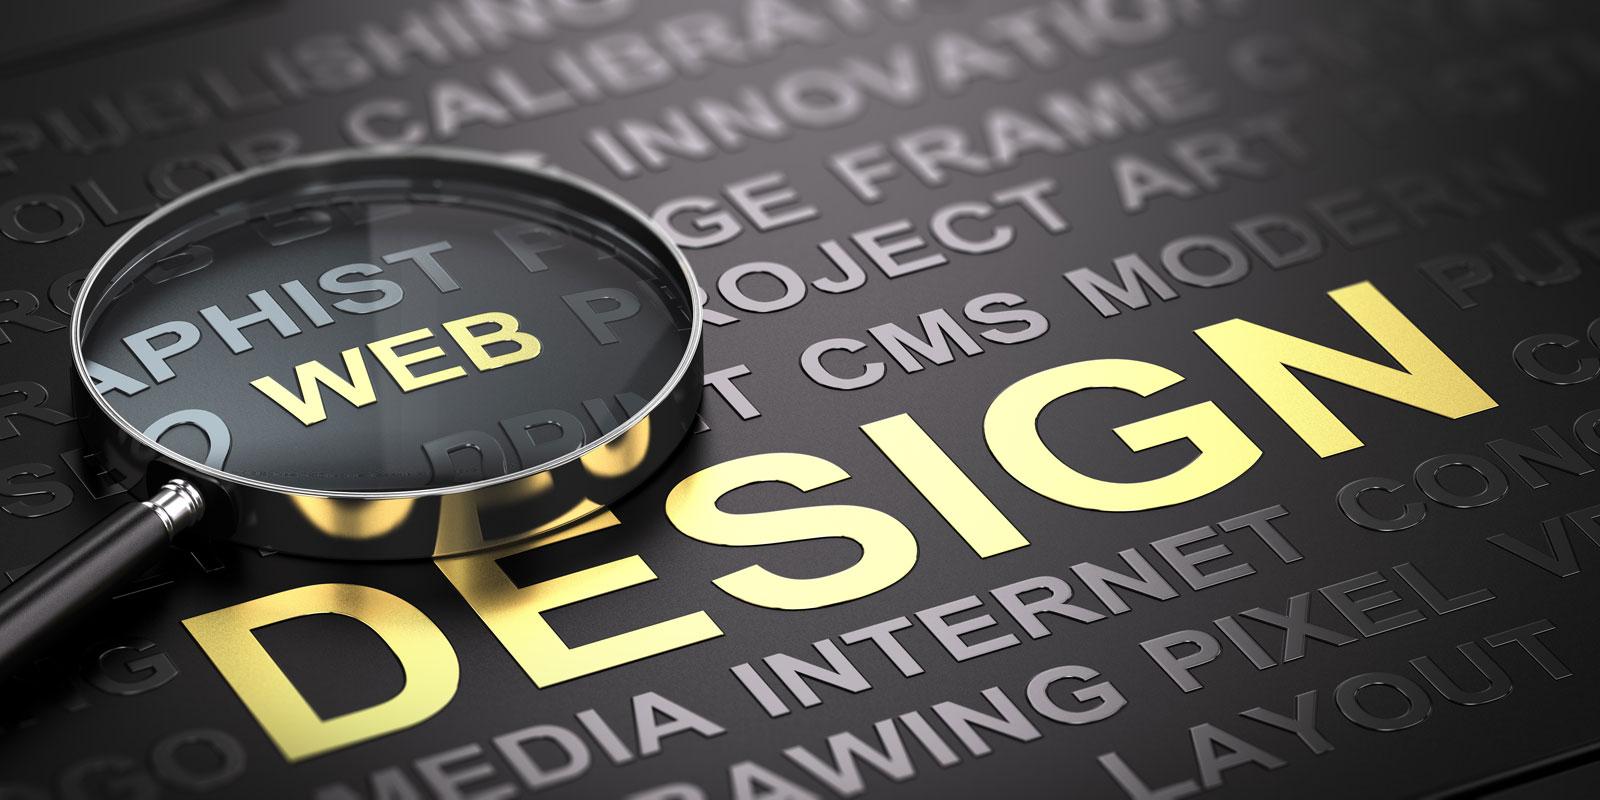 Webdesign - wordt verzorgd door VoordenBakker Den Haag